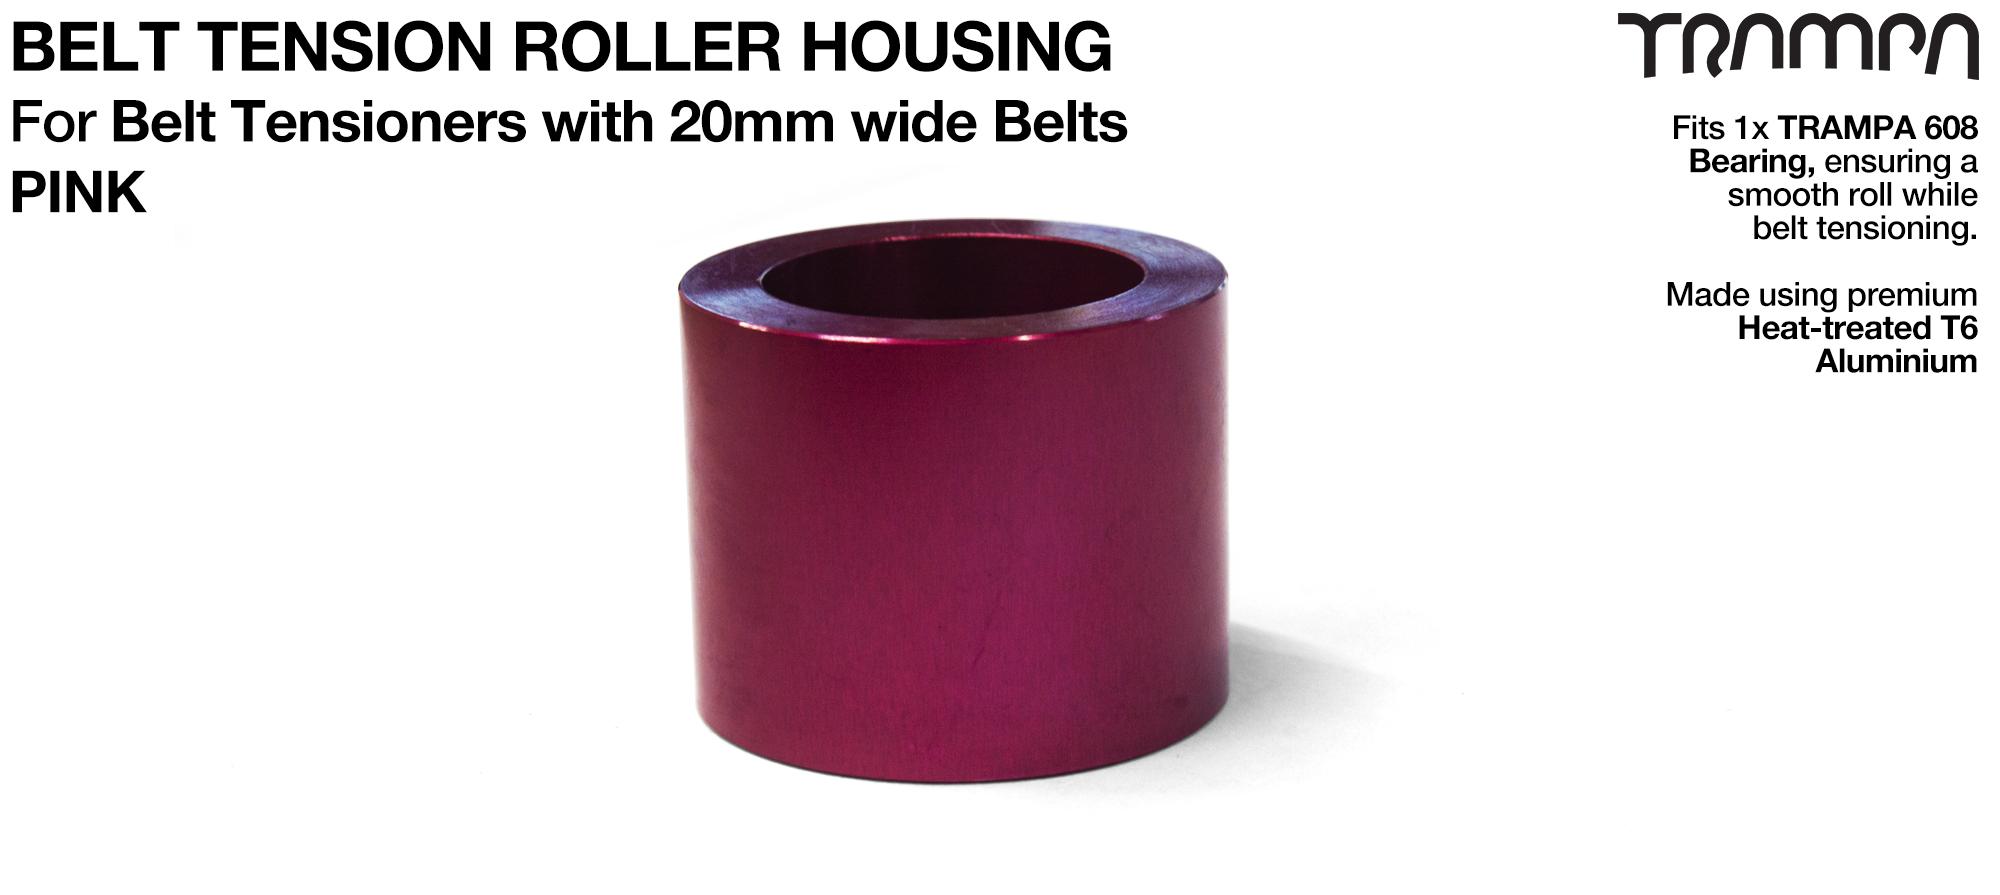 Belt Tension Roller Housing for 20mm Belts - PINK